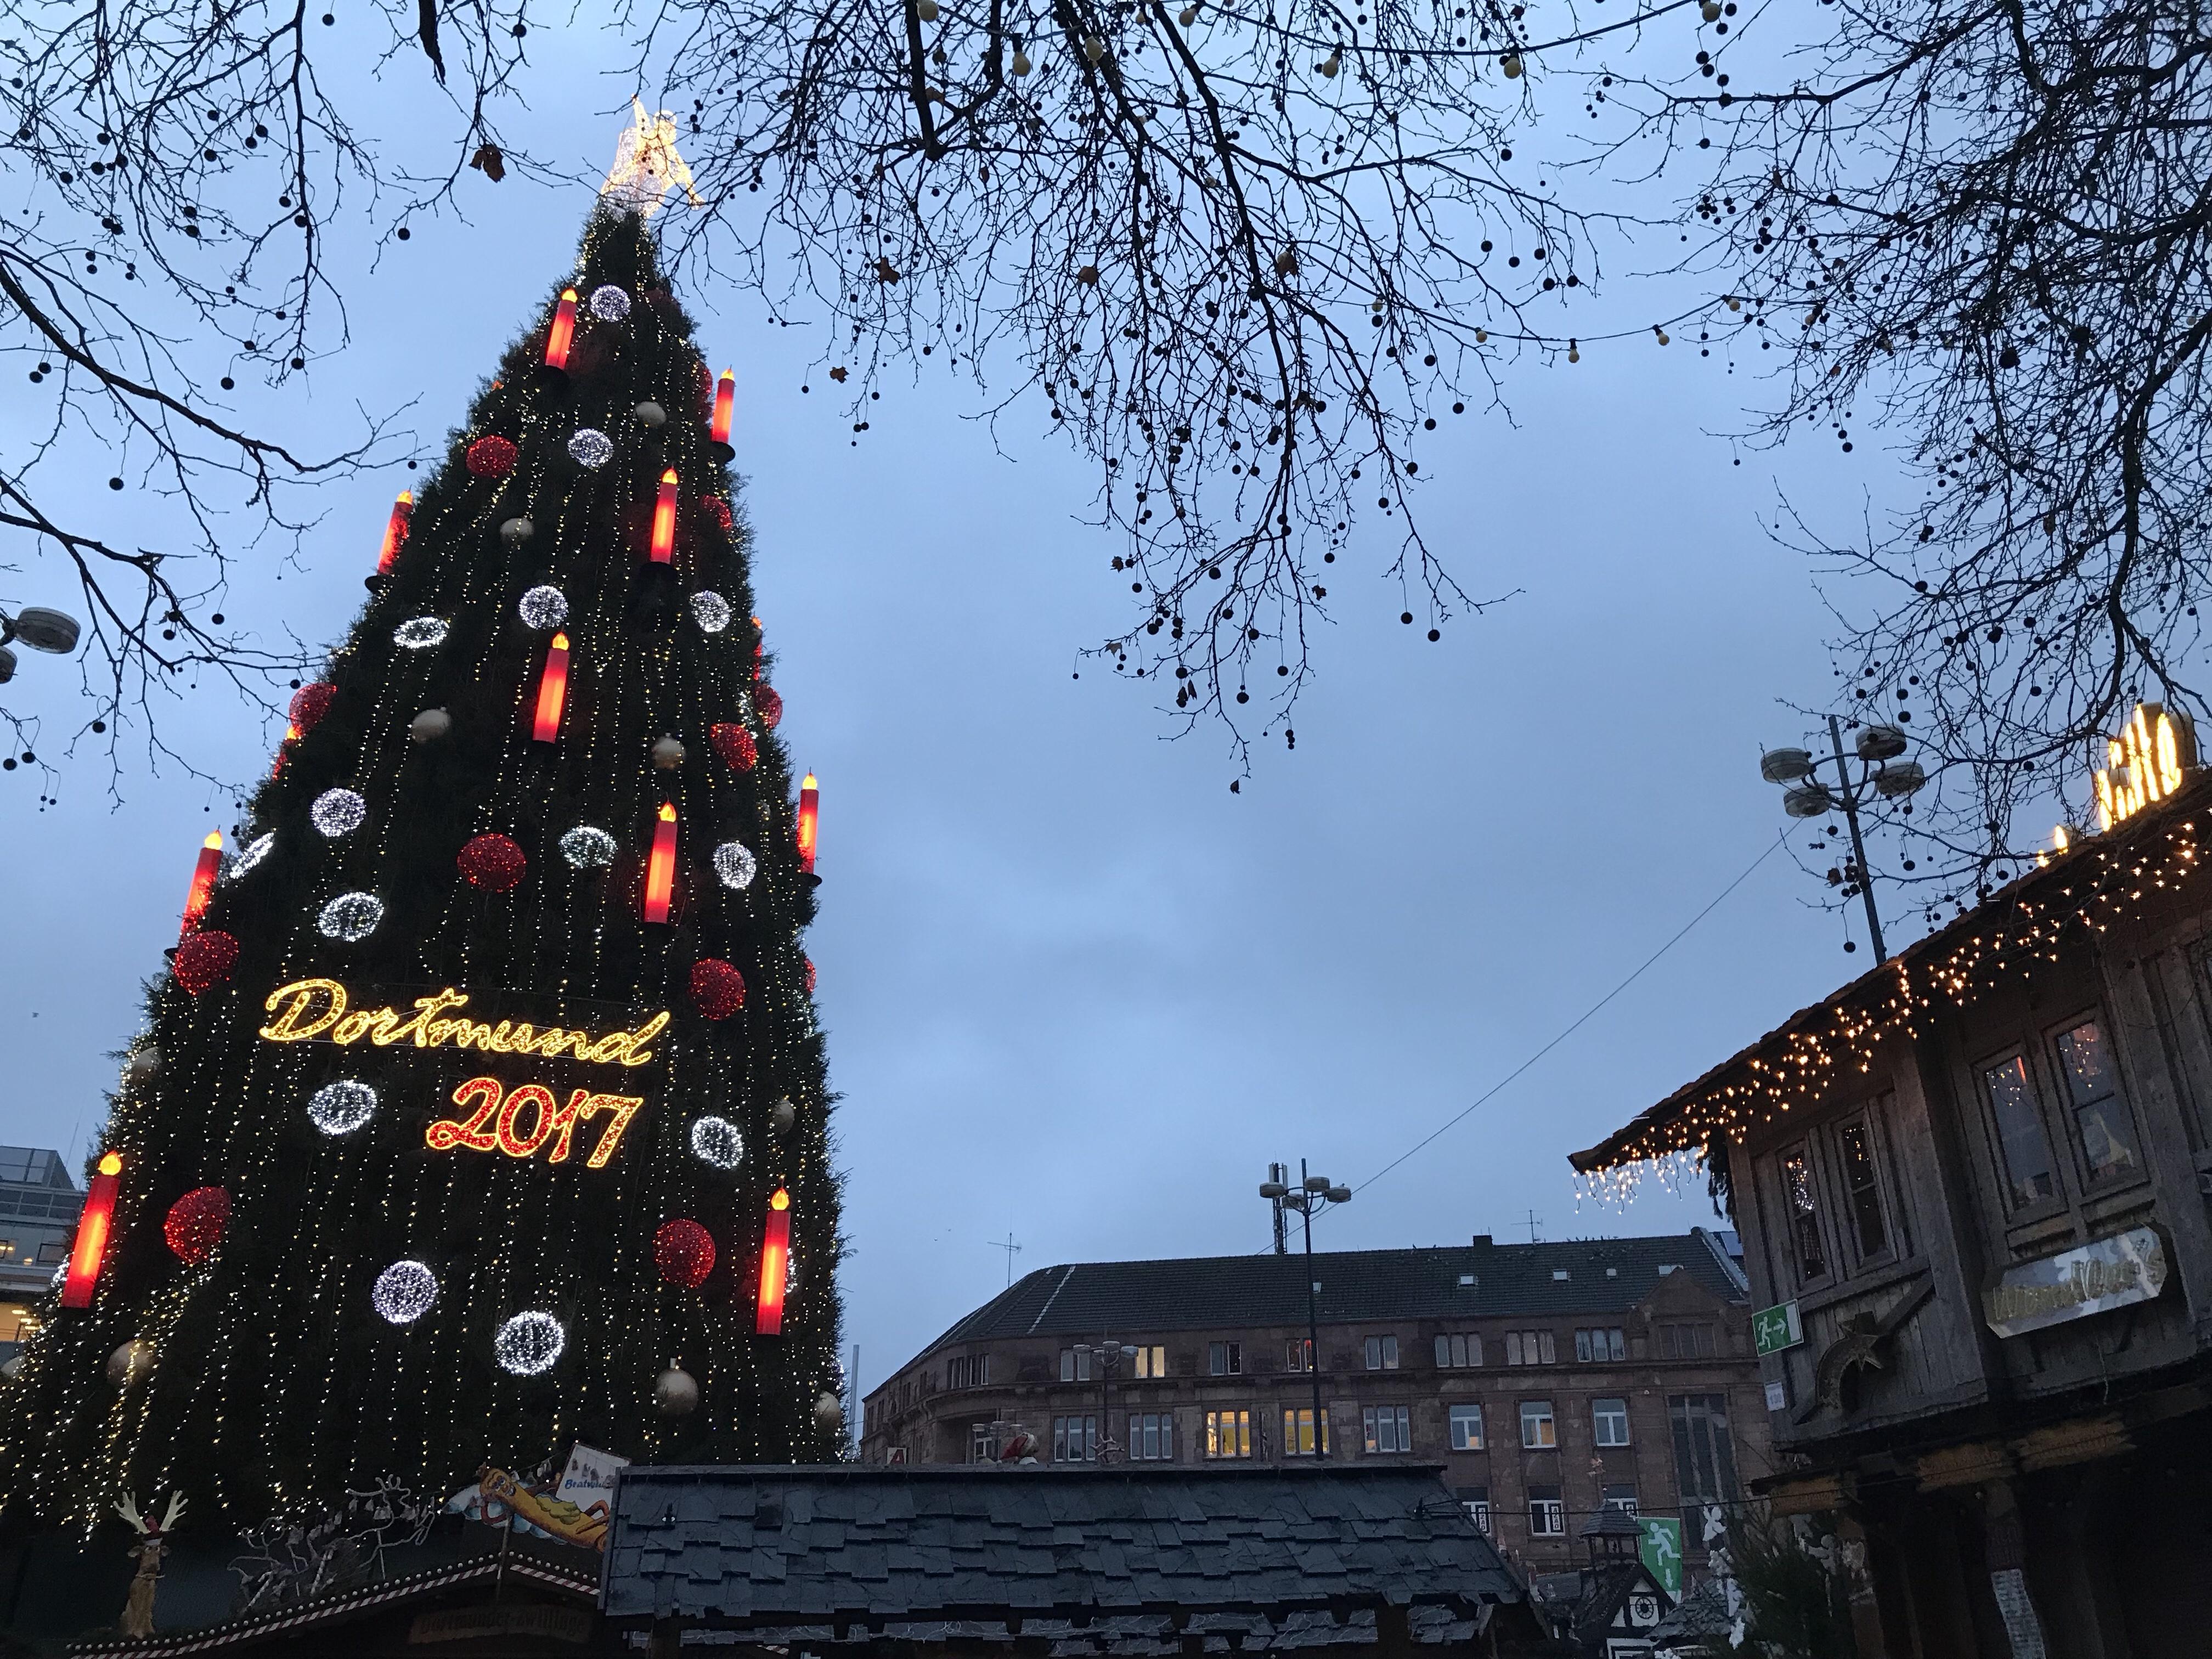 Weihnachten: Der große Weihnachtsbaum in Dortmund